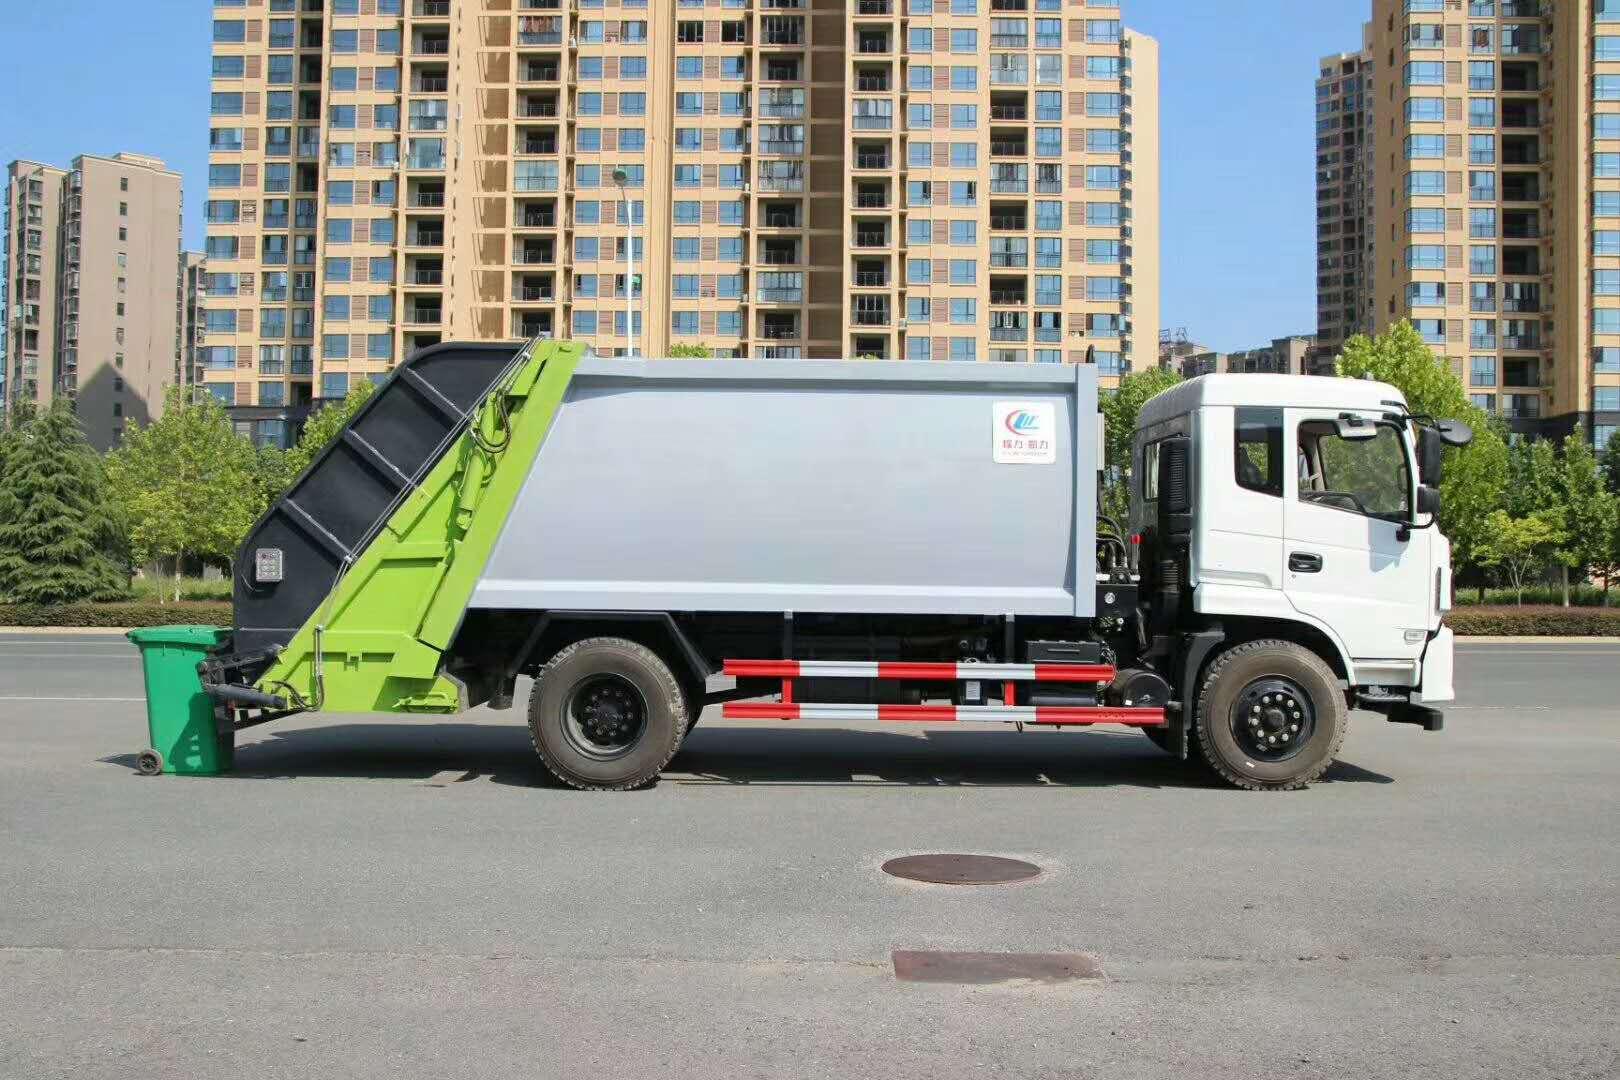 垃圾分类有哪些处理技巧?挂桶压缩垃圾车解决小区垃圾问题图片